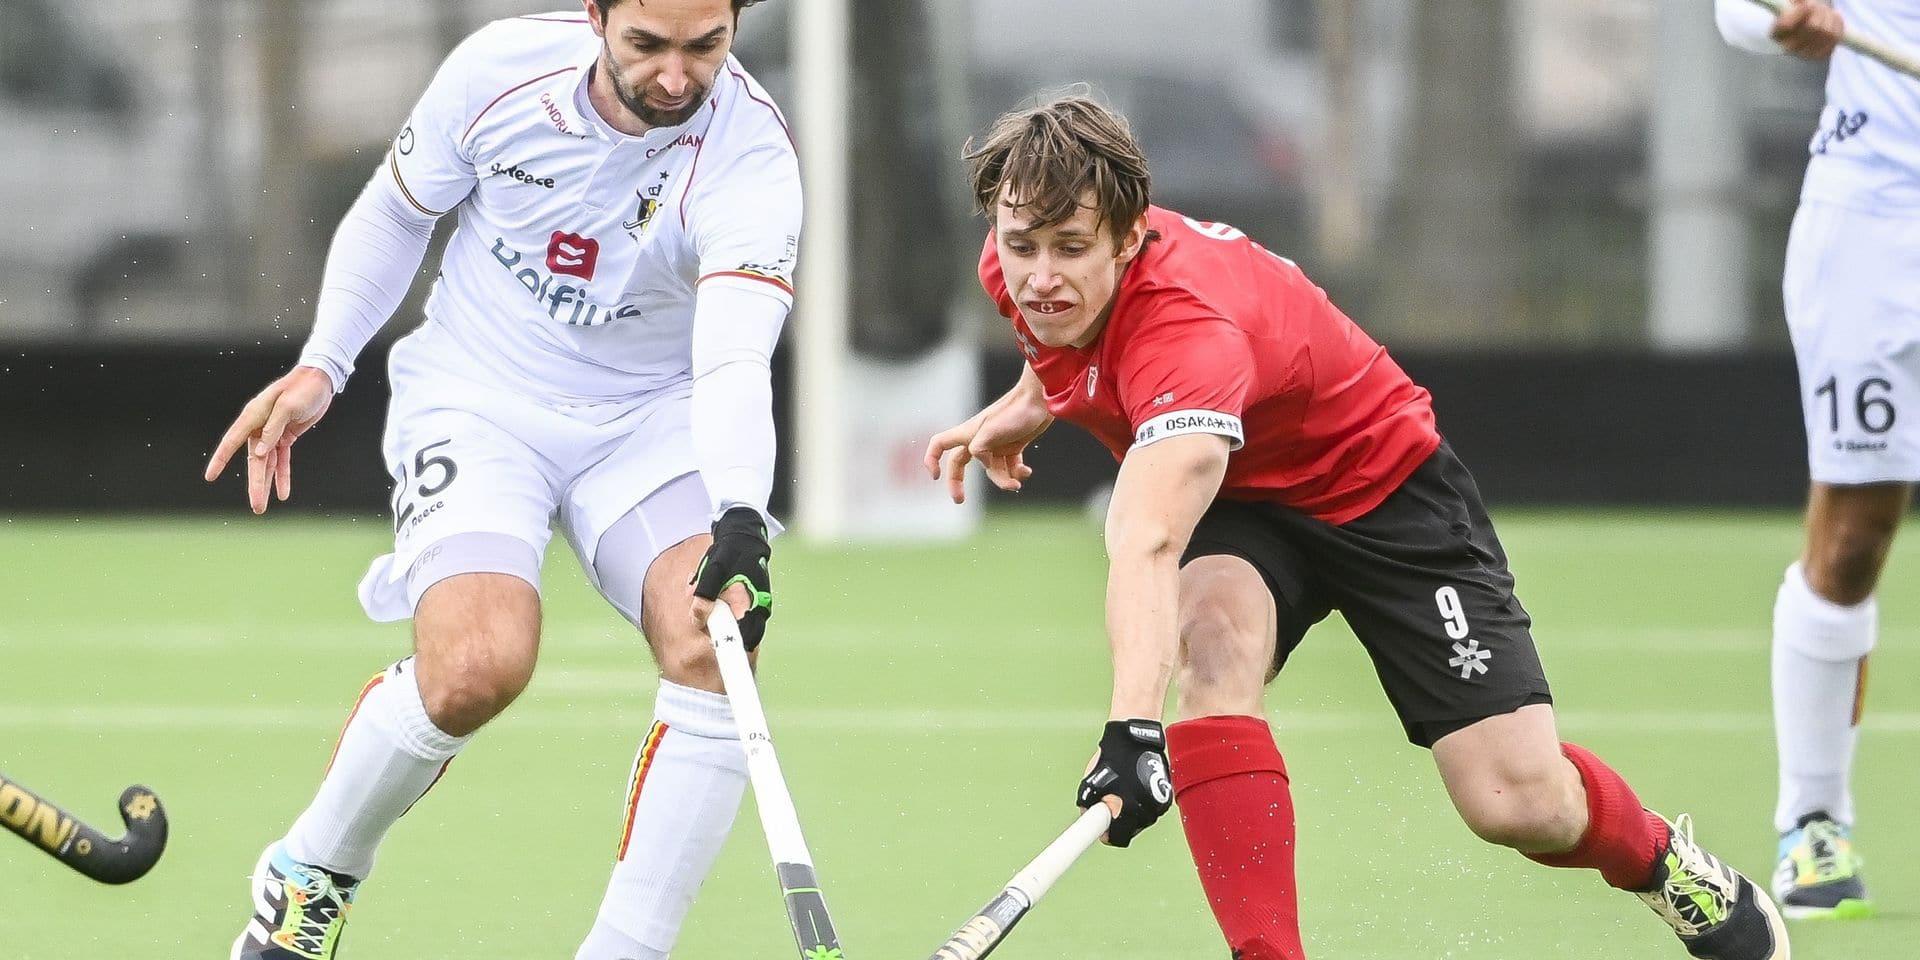 Les Red Lions dominent largement le Canada en match préparatoire aux JO